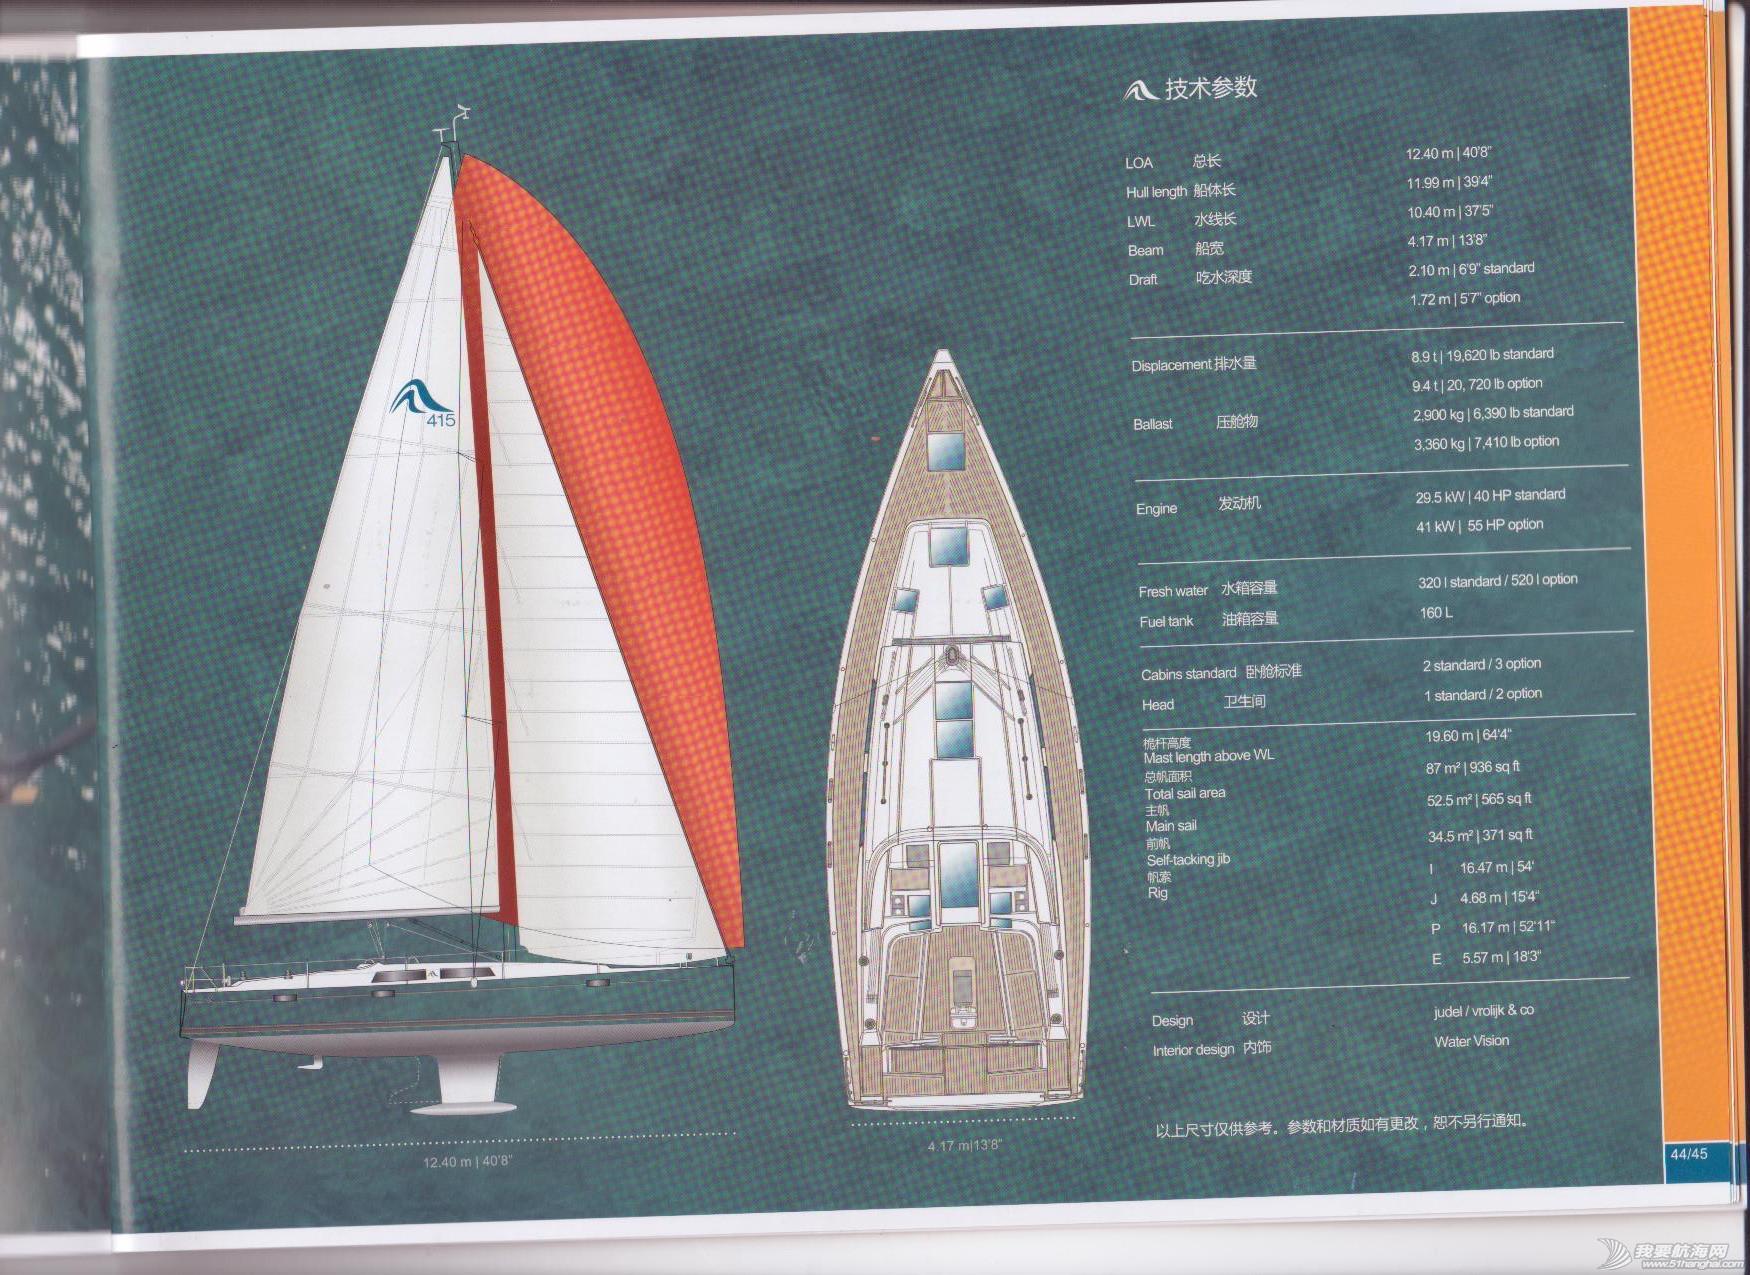 汉斯,帆船,我们,设计,个性化 为热爱航海的人实现扬帆出海的梦想:汉斯零成本购船计划  124918udqhzfjqh22tnzz6